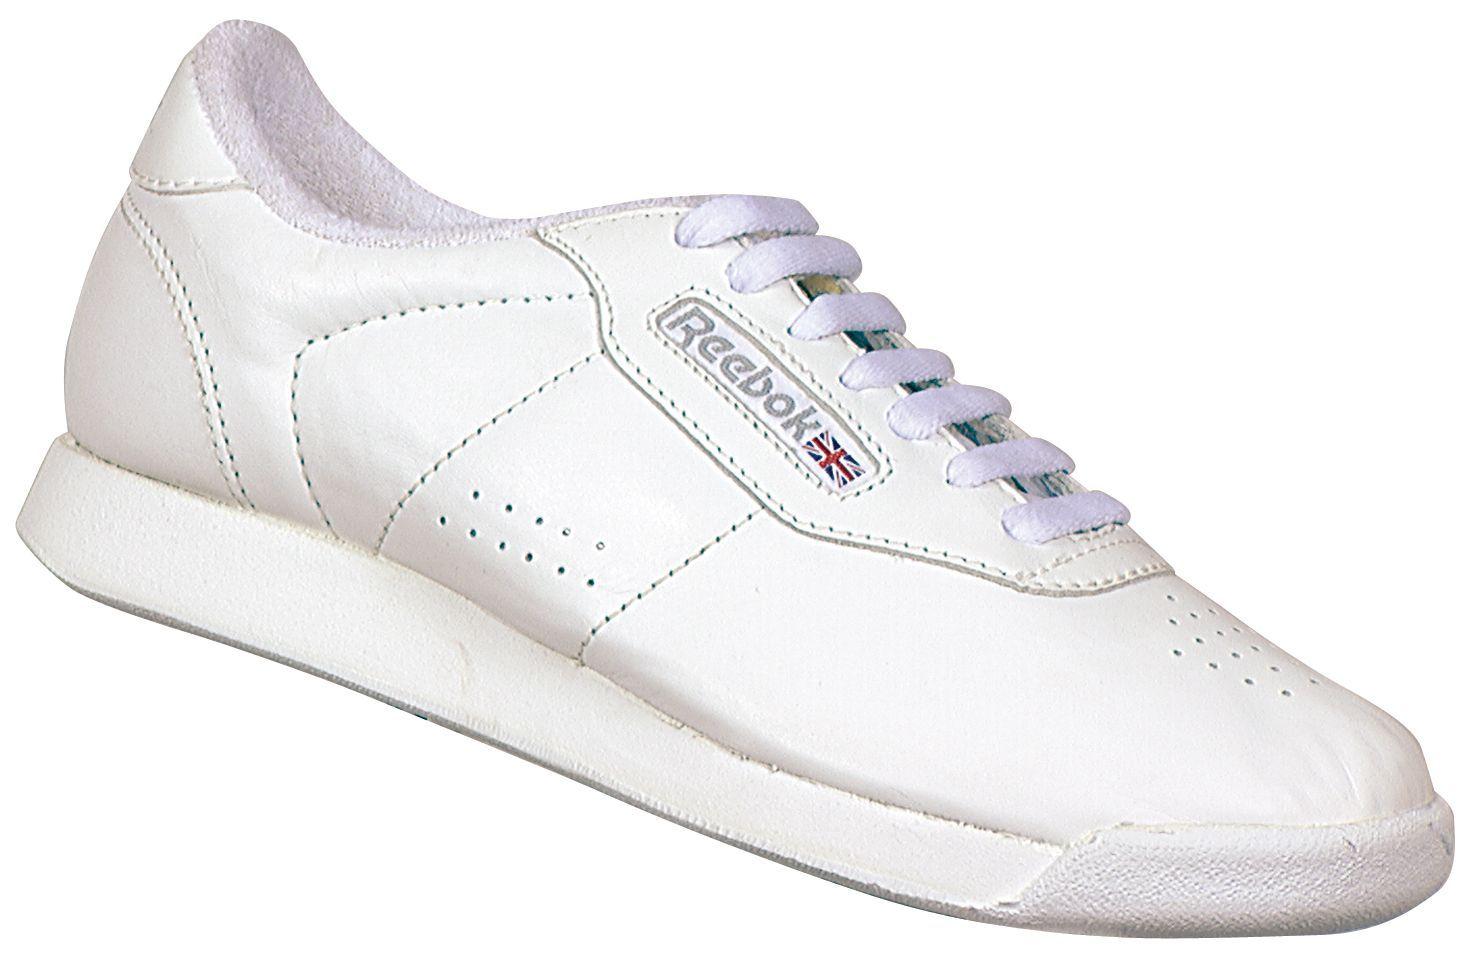 Reebok White Shoes